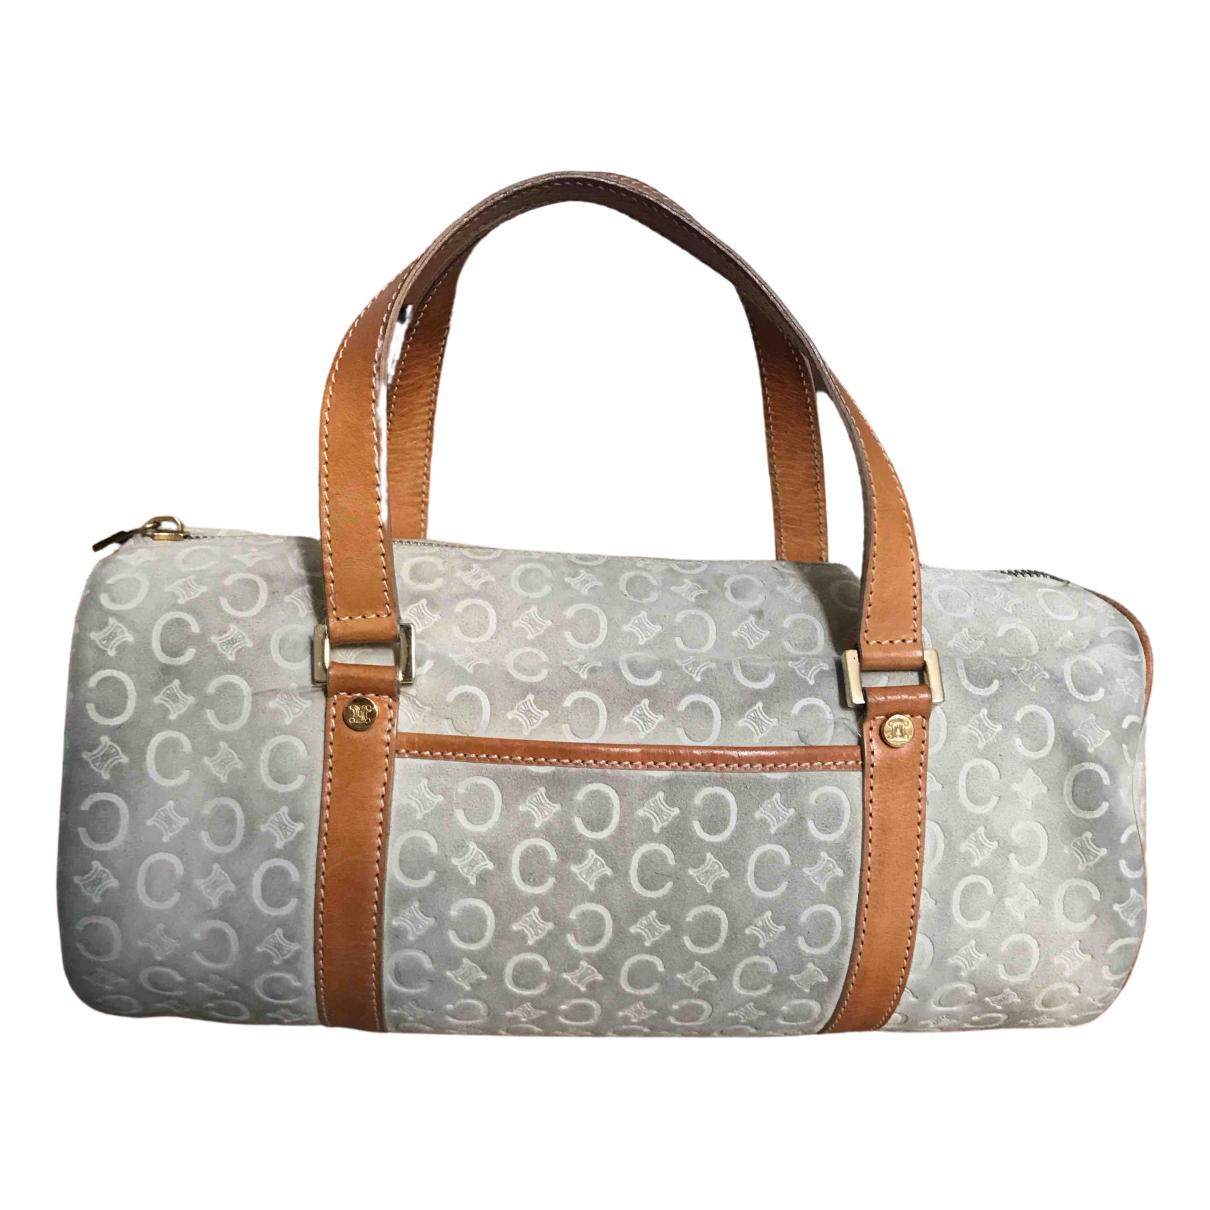 Celine \N Ecru Suede handbag for Women \N